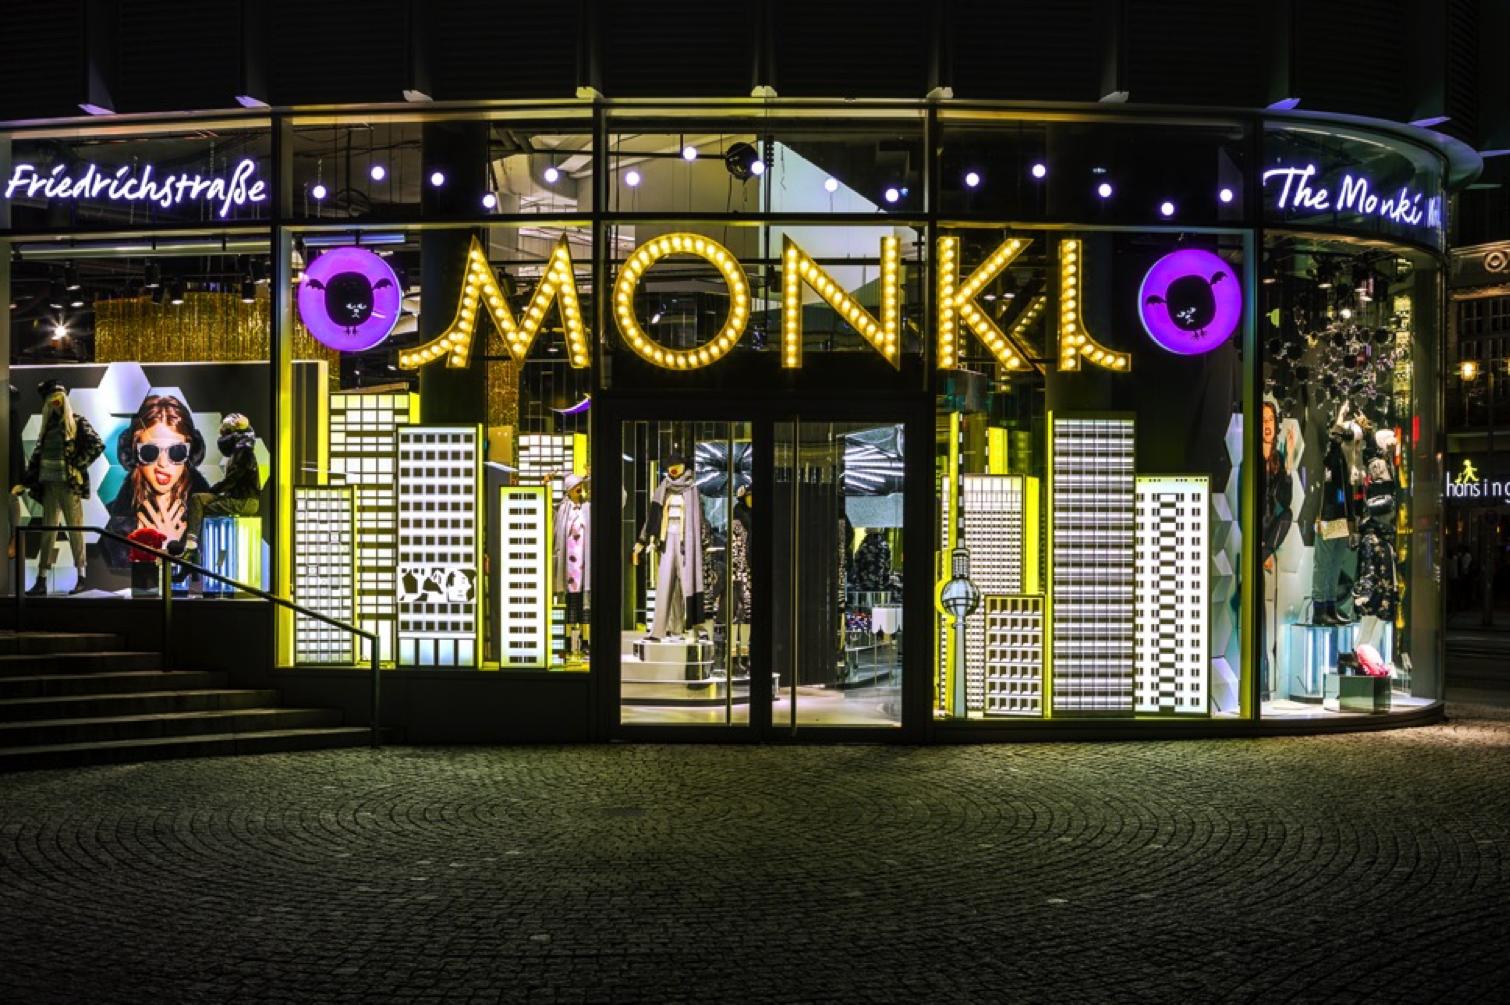 Monki Friedrichstrasse Berlin Retail Signage Monki Store Pop Up Shop